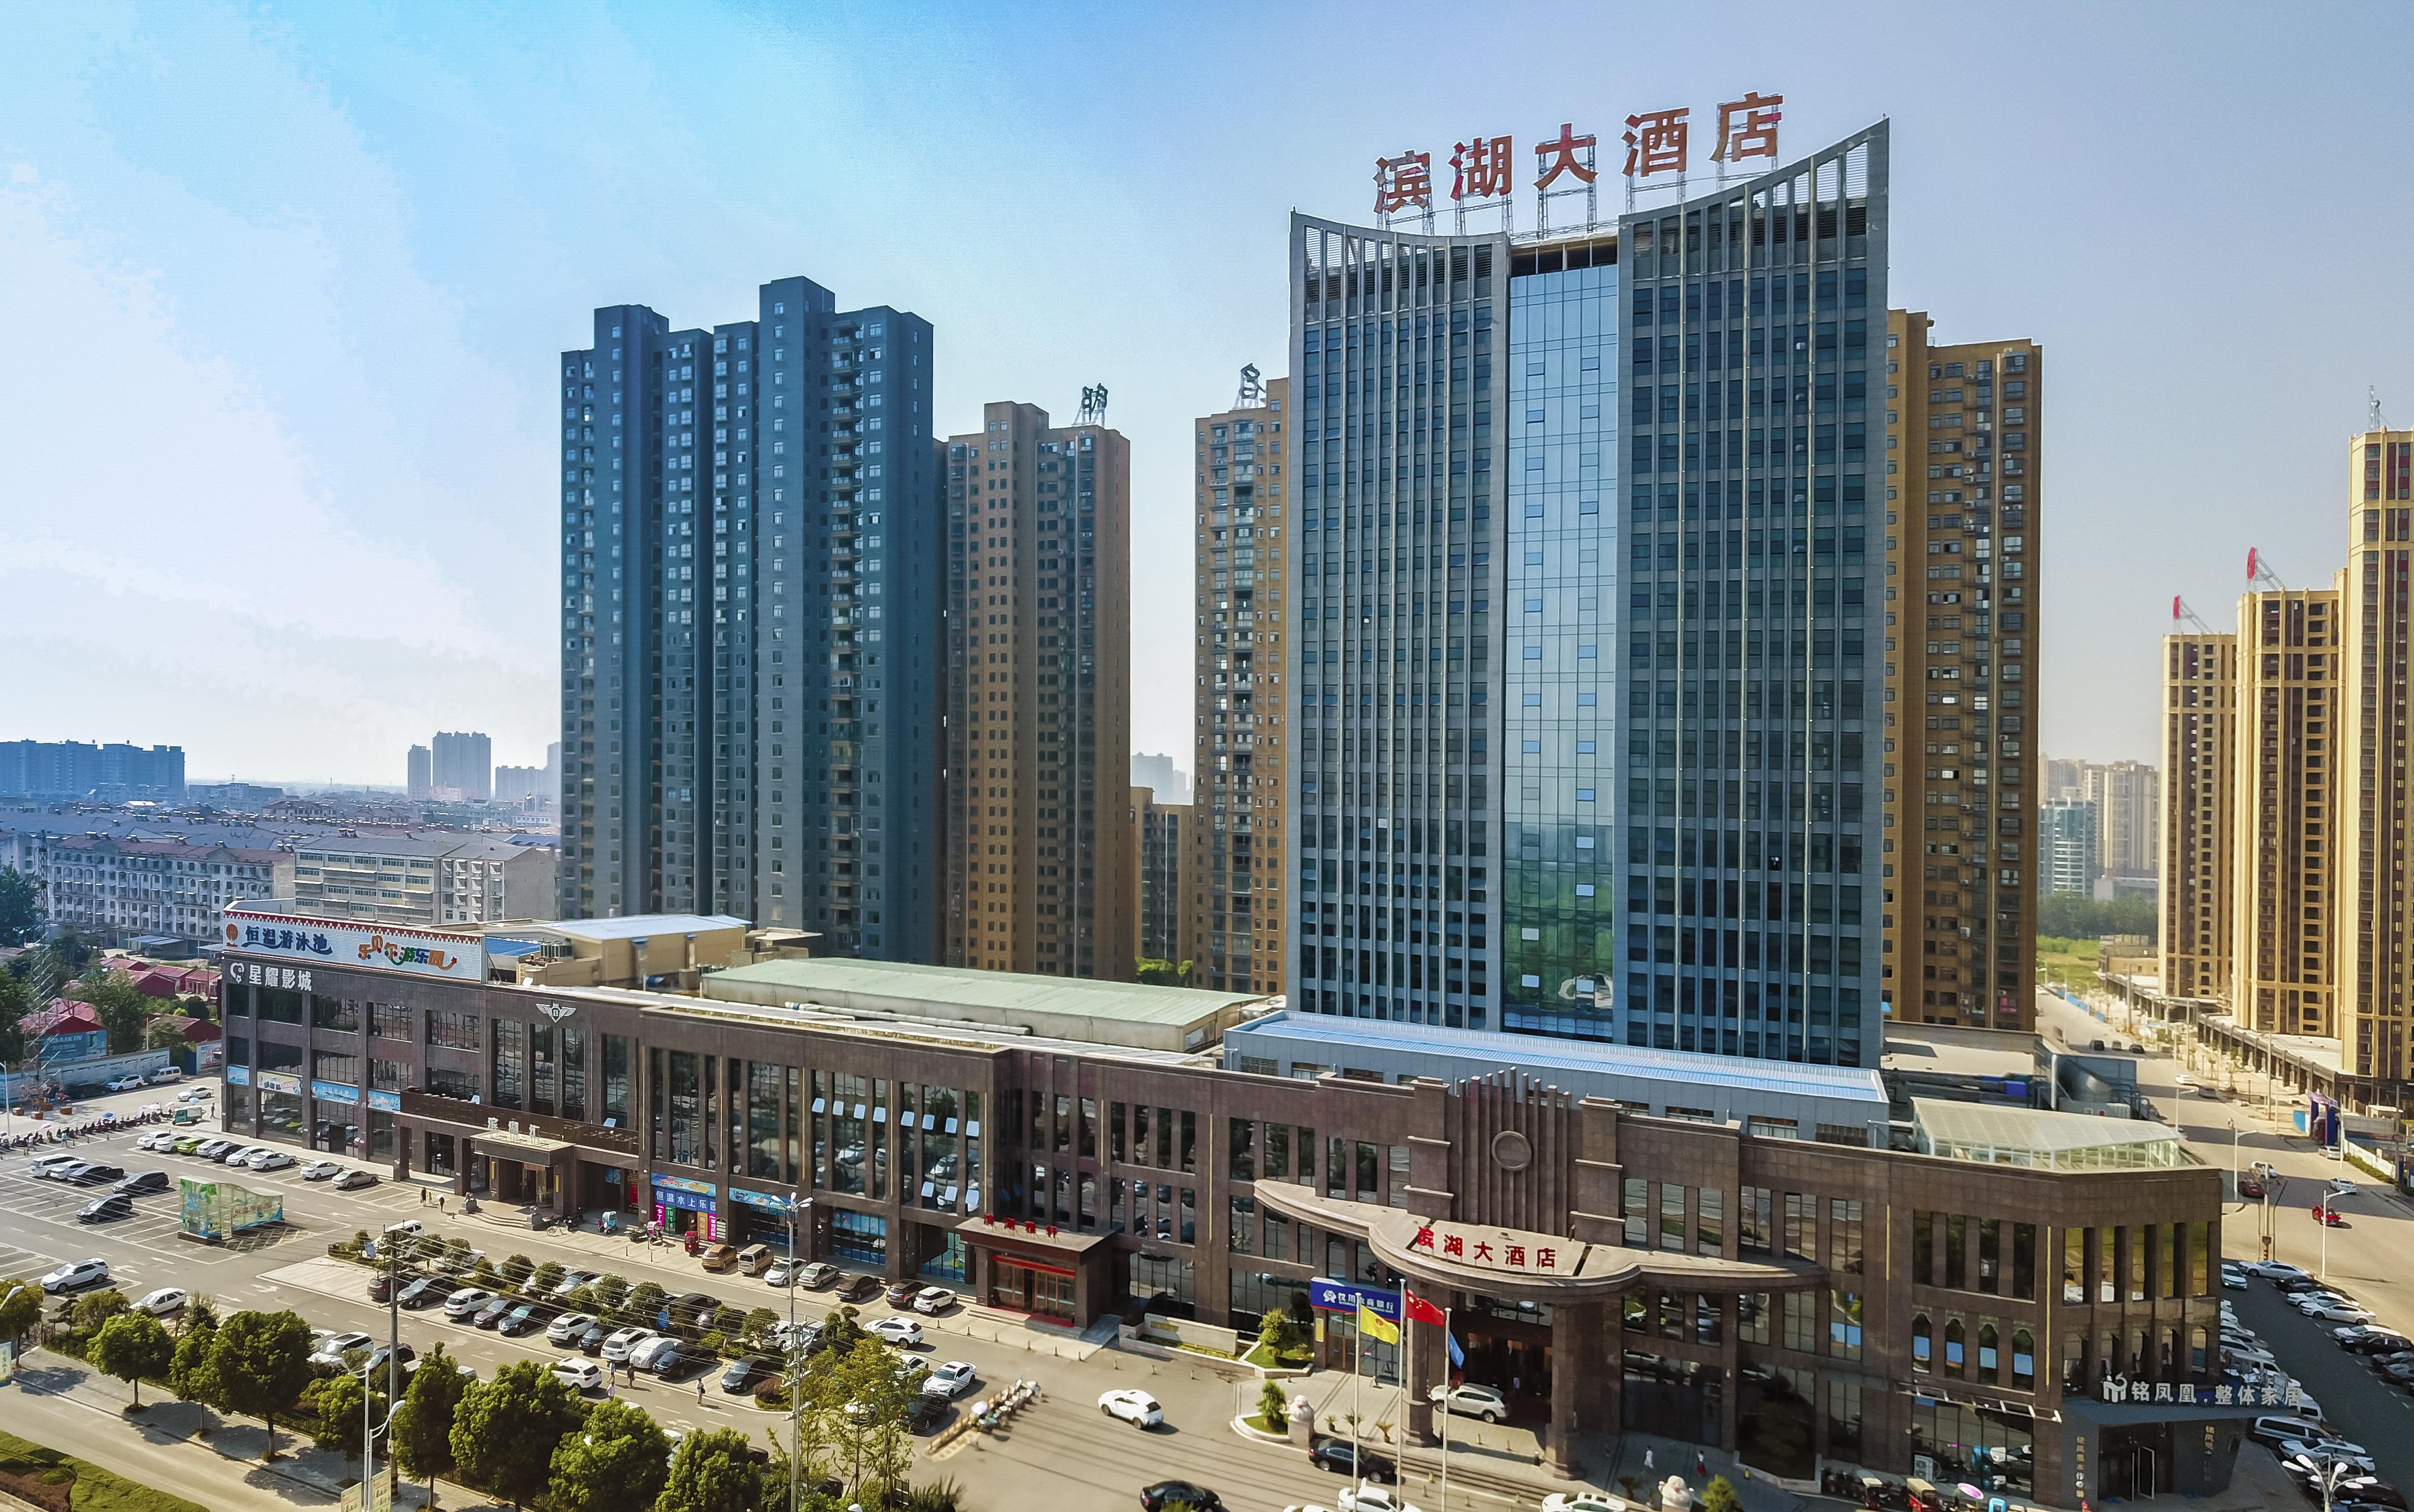 瑞达近期案例——汉川滨湖酒店